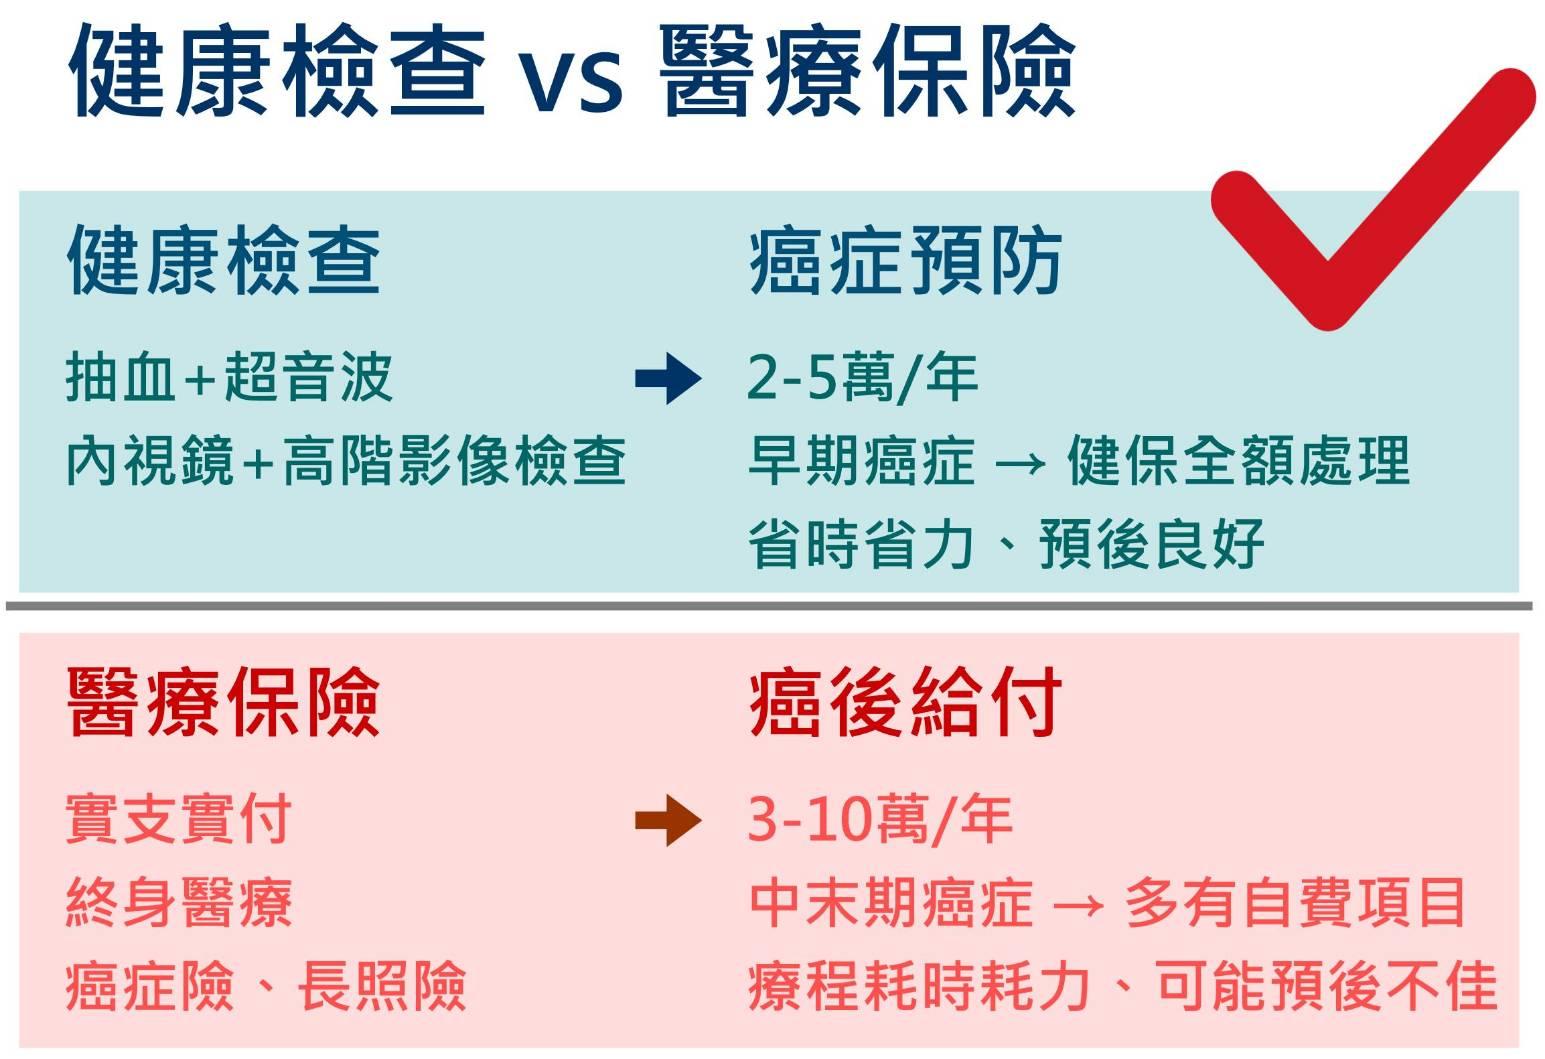 聰明做健檢(1)-『健康檢查』vs『醫療保險』 - 東元健康報導